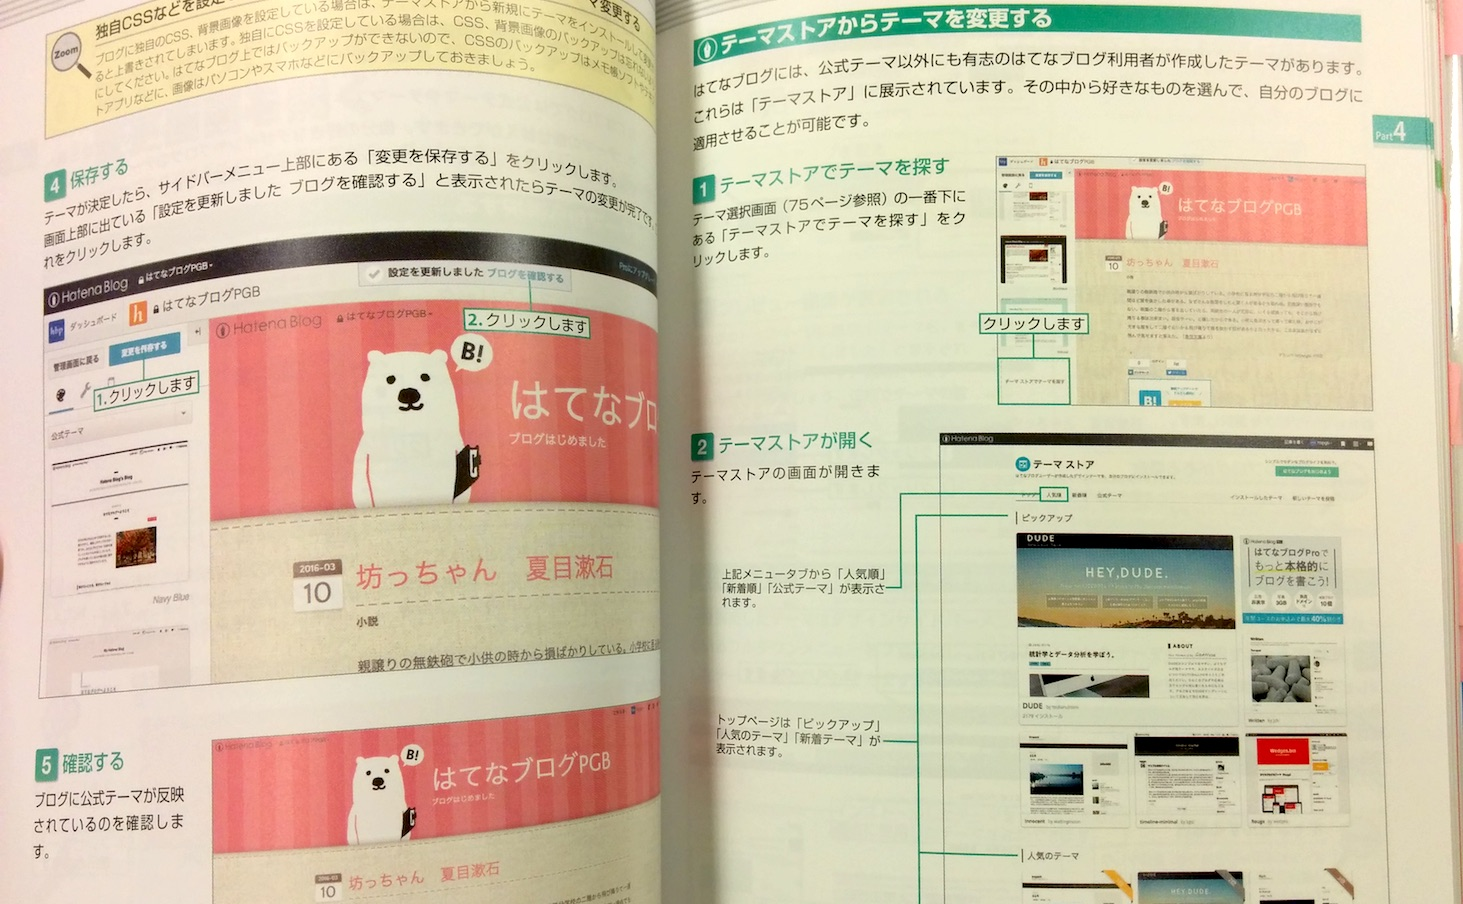 『はてなブログPerfect GuideBook』の写真